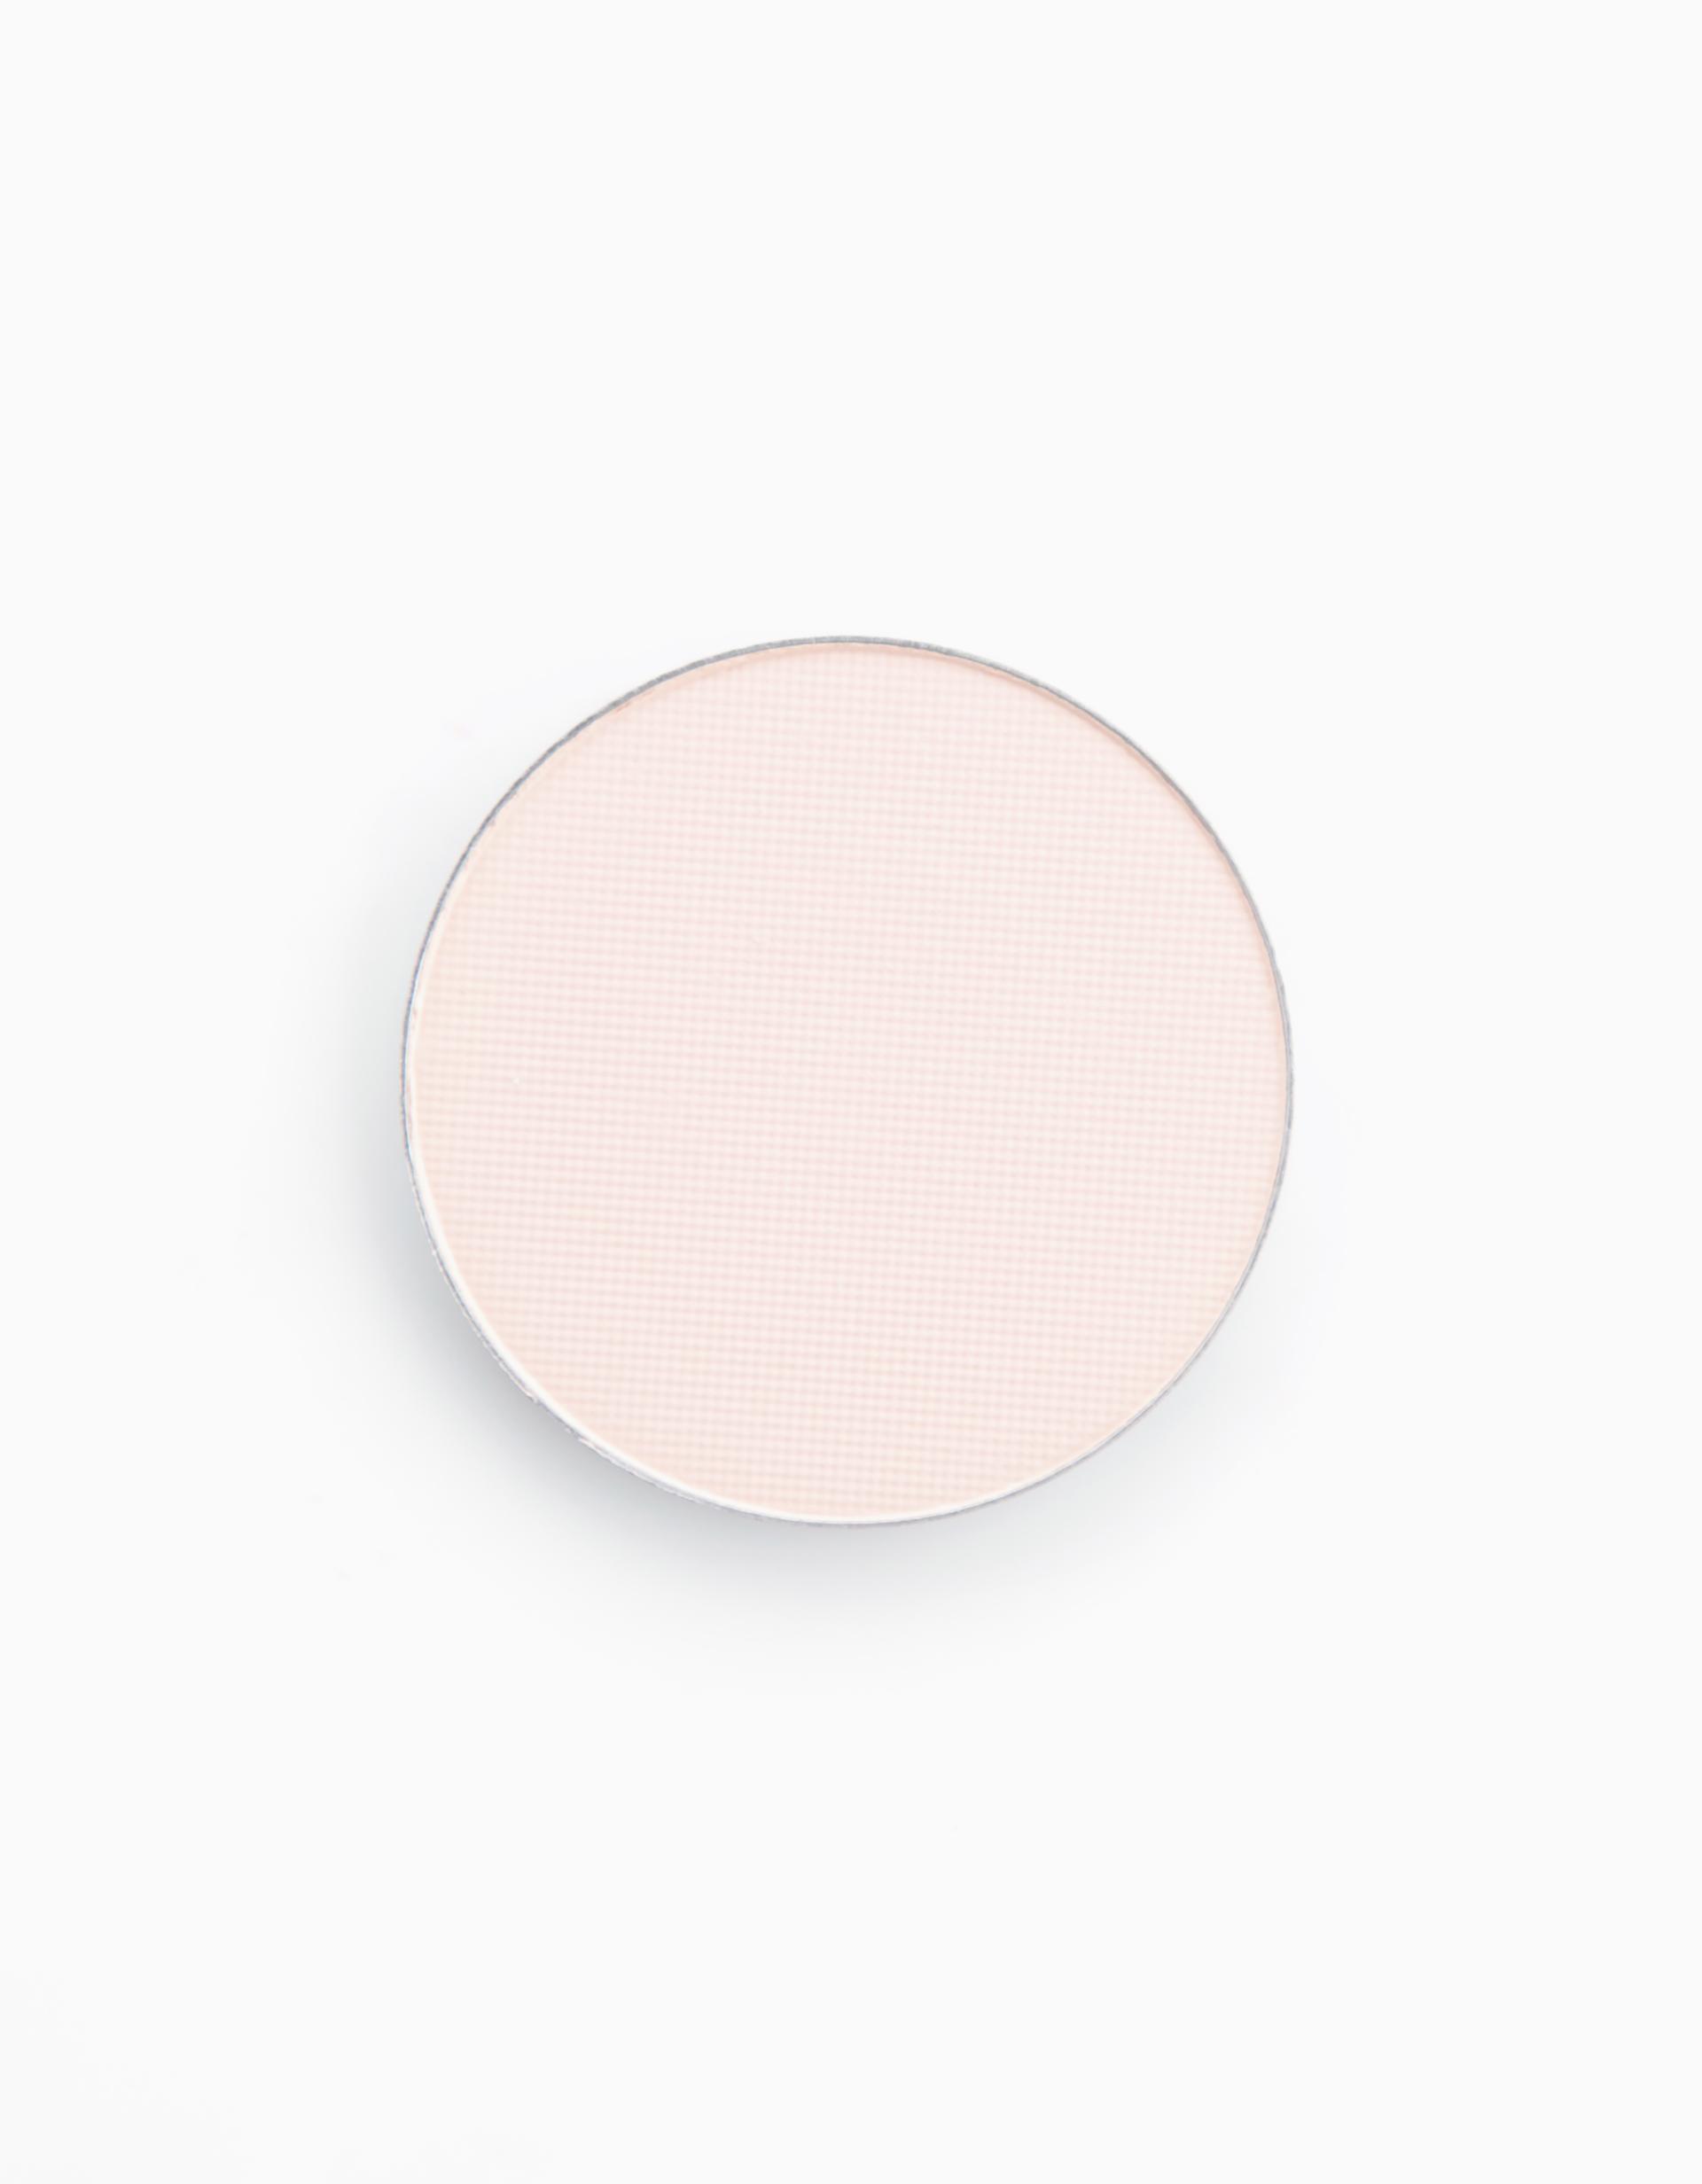 Suesh Choose Your Own Palette Eyeshadow Pots:  Smoky Eye Base by Suesh | E25 - Base Matte